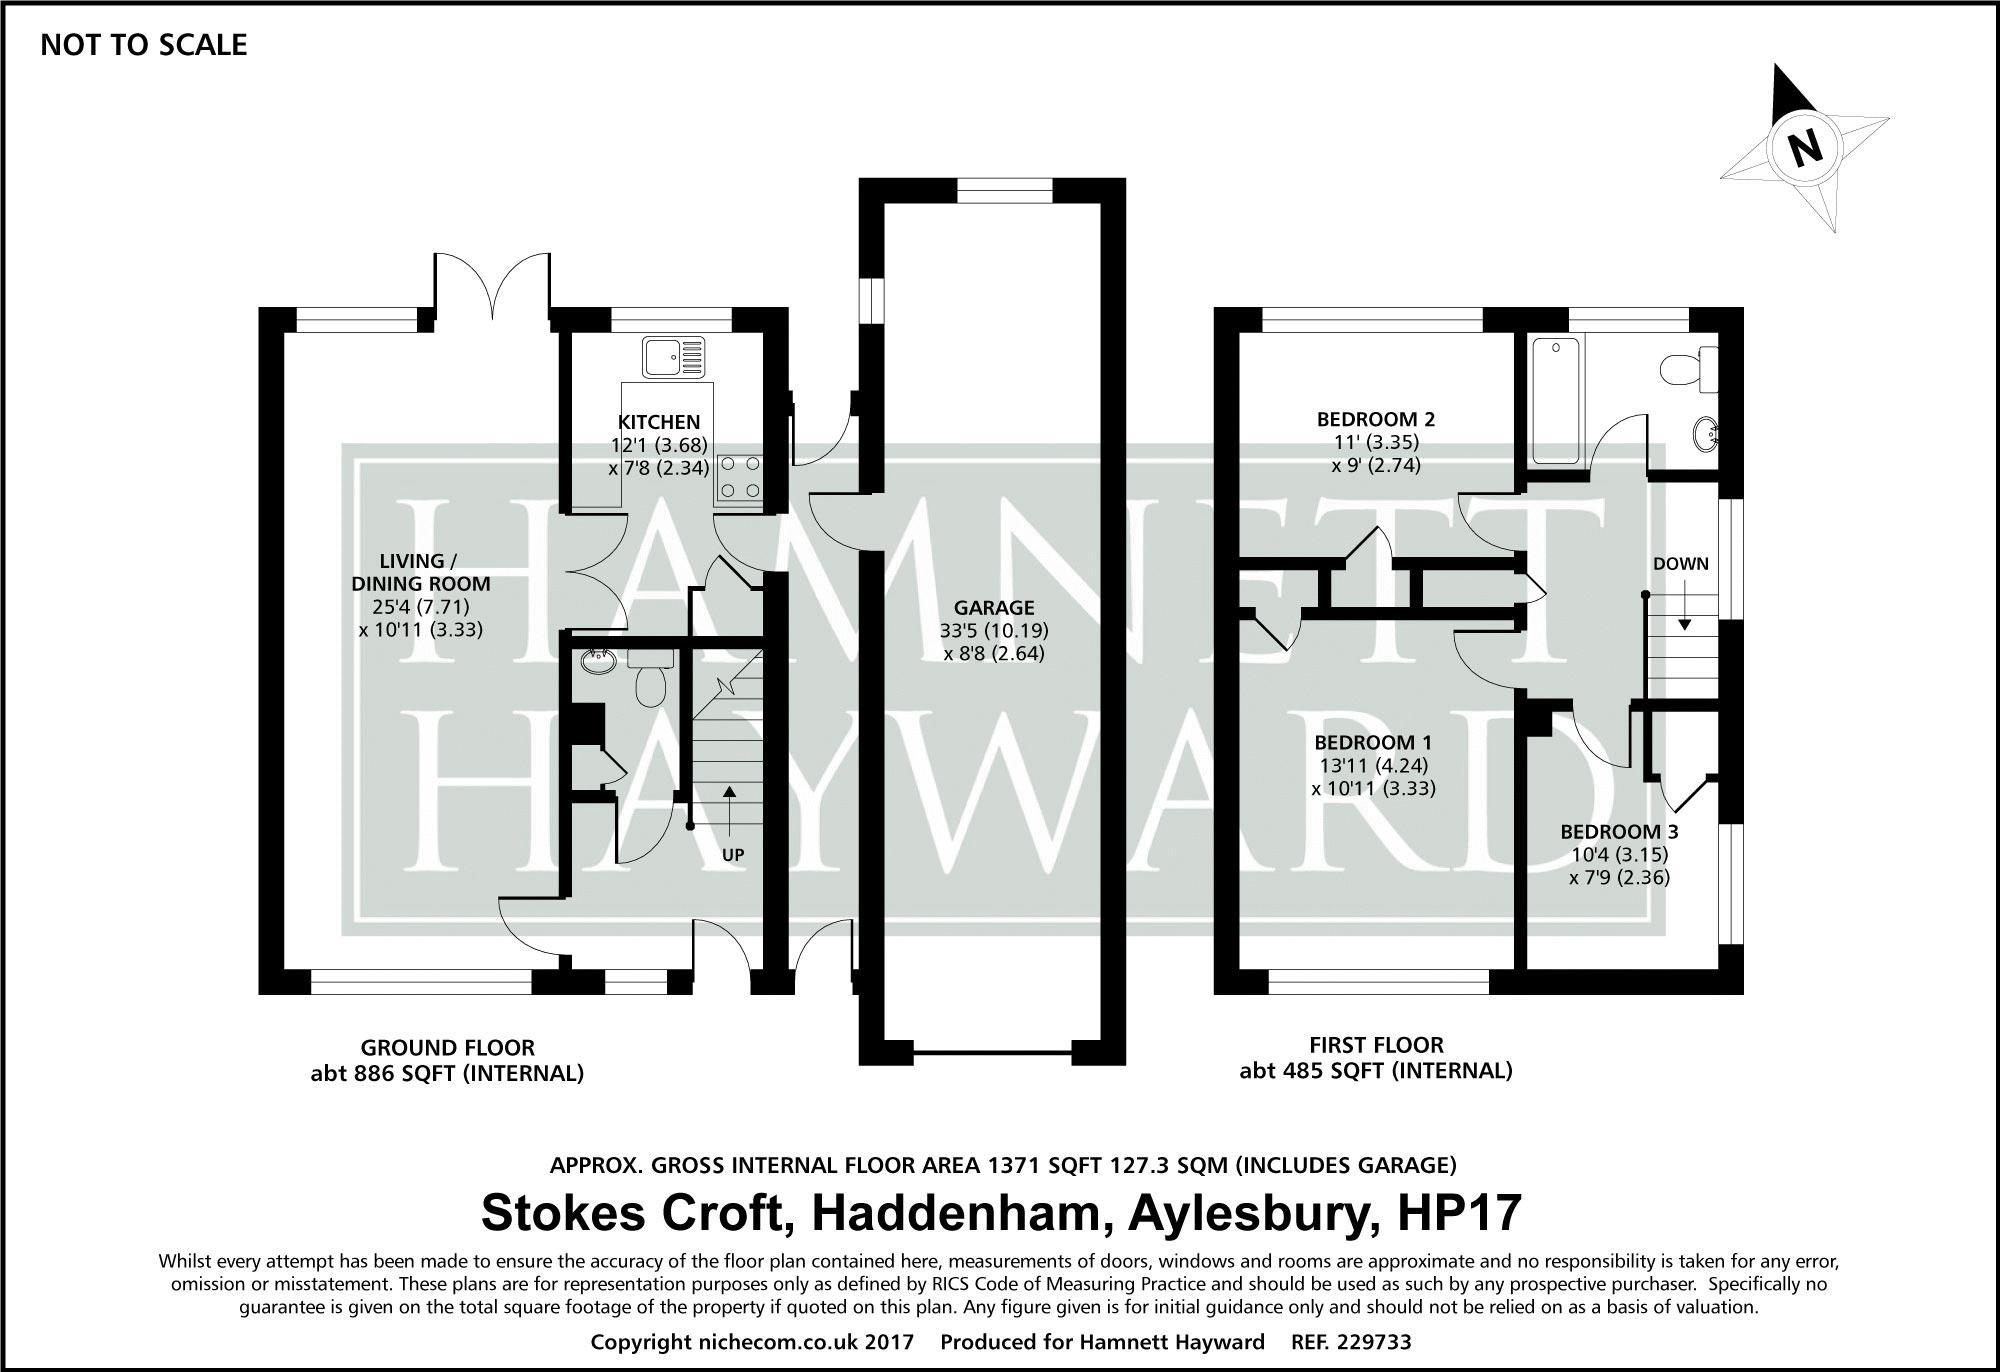 Stokes Croft Haddenham